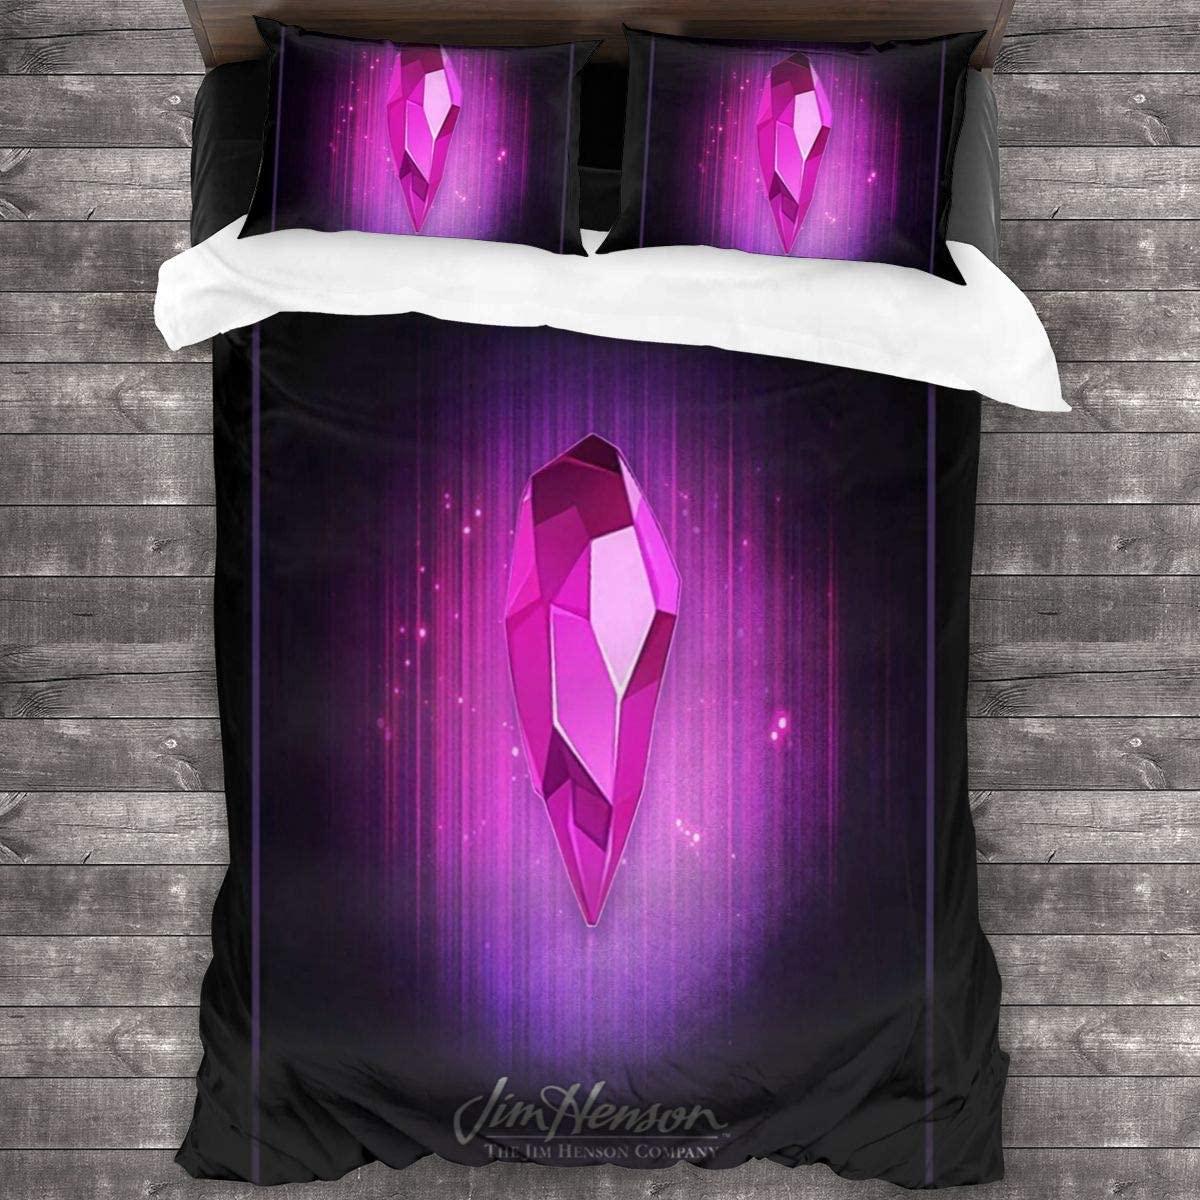 الظلام كريستال 3 قطعة طباعة الفراش حاف مجموعة غطاء لينة (لا المعزي) ، التوأم للأطفال في سن المراهقة الأطفال طقم سرير الكبار